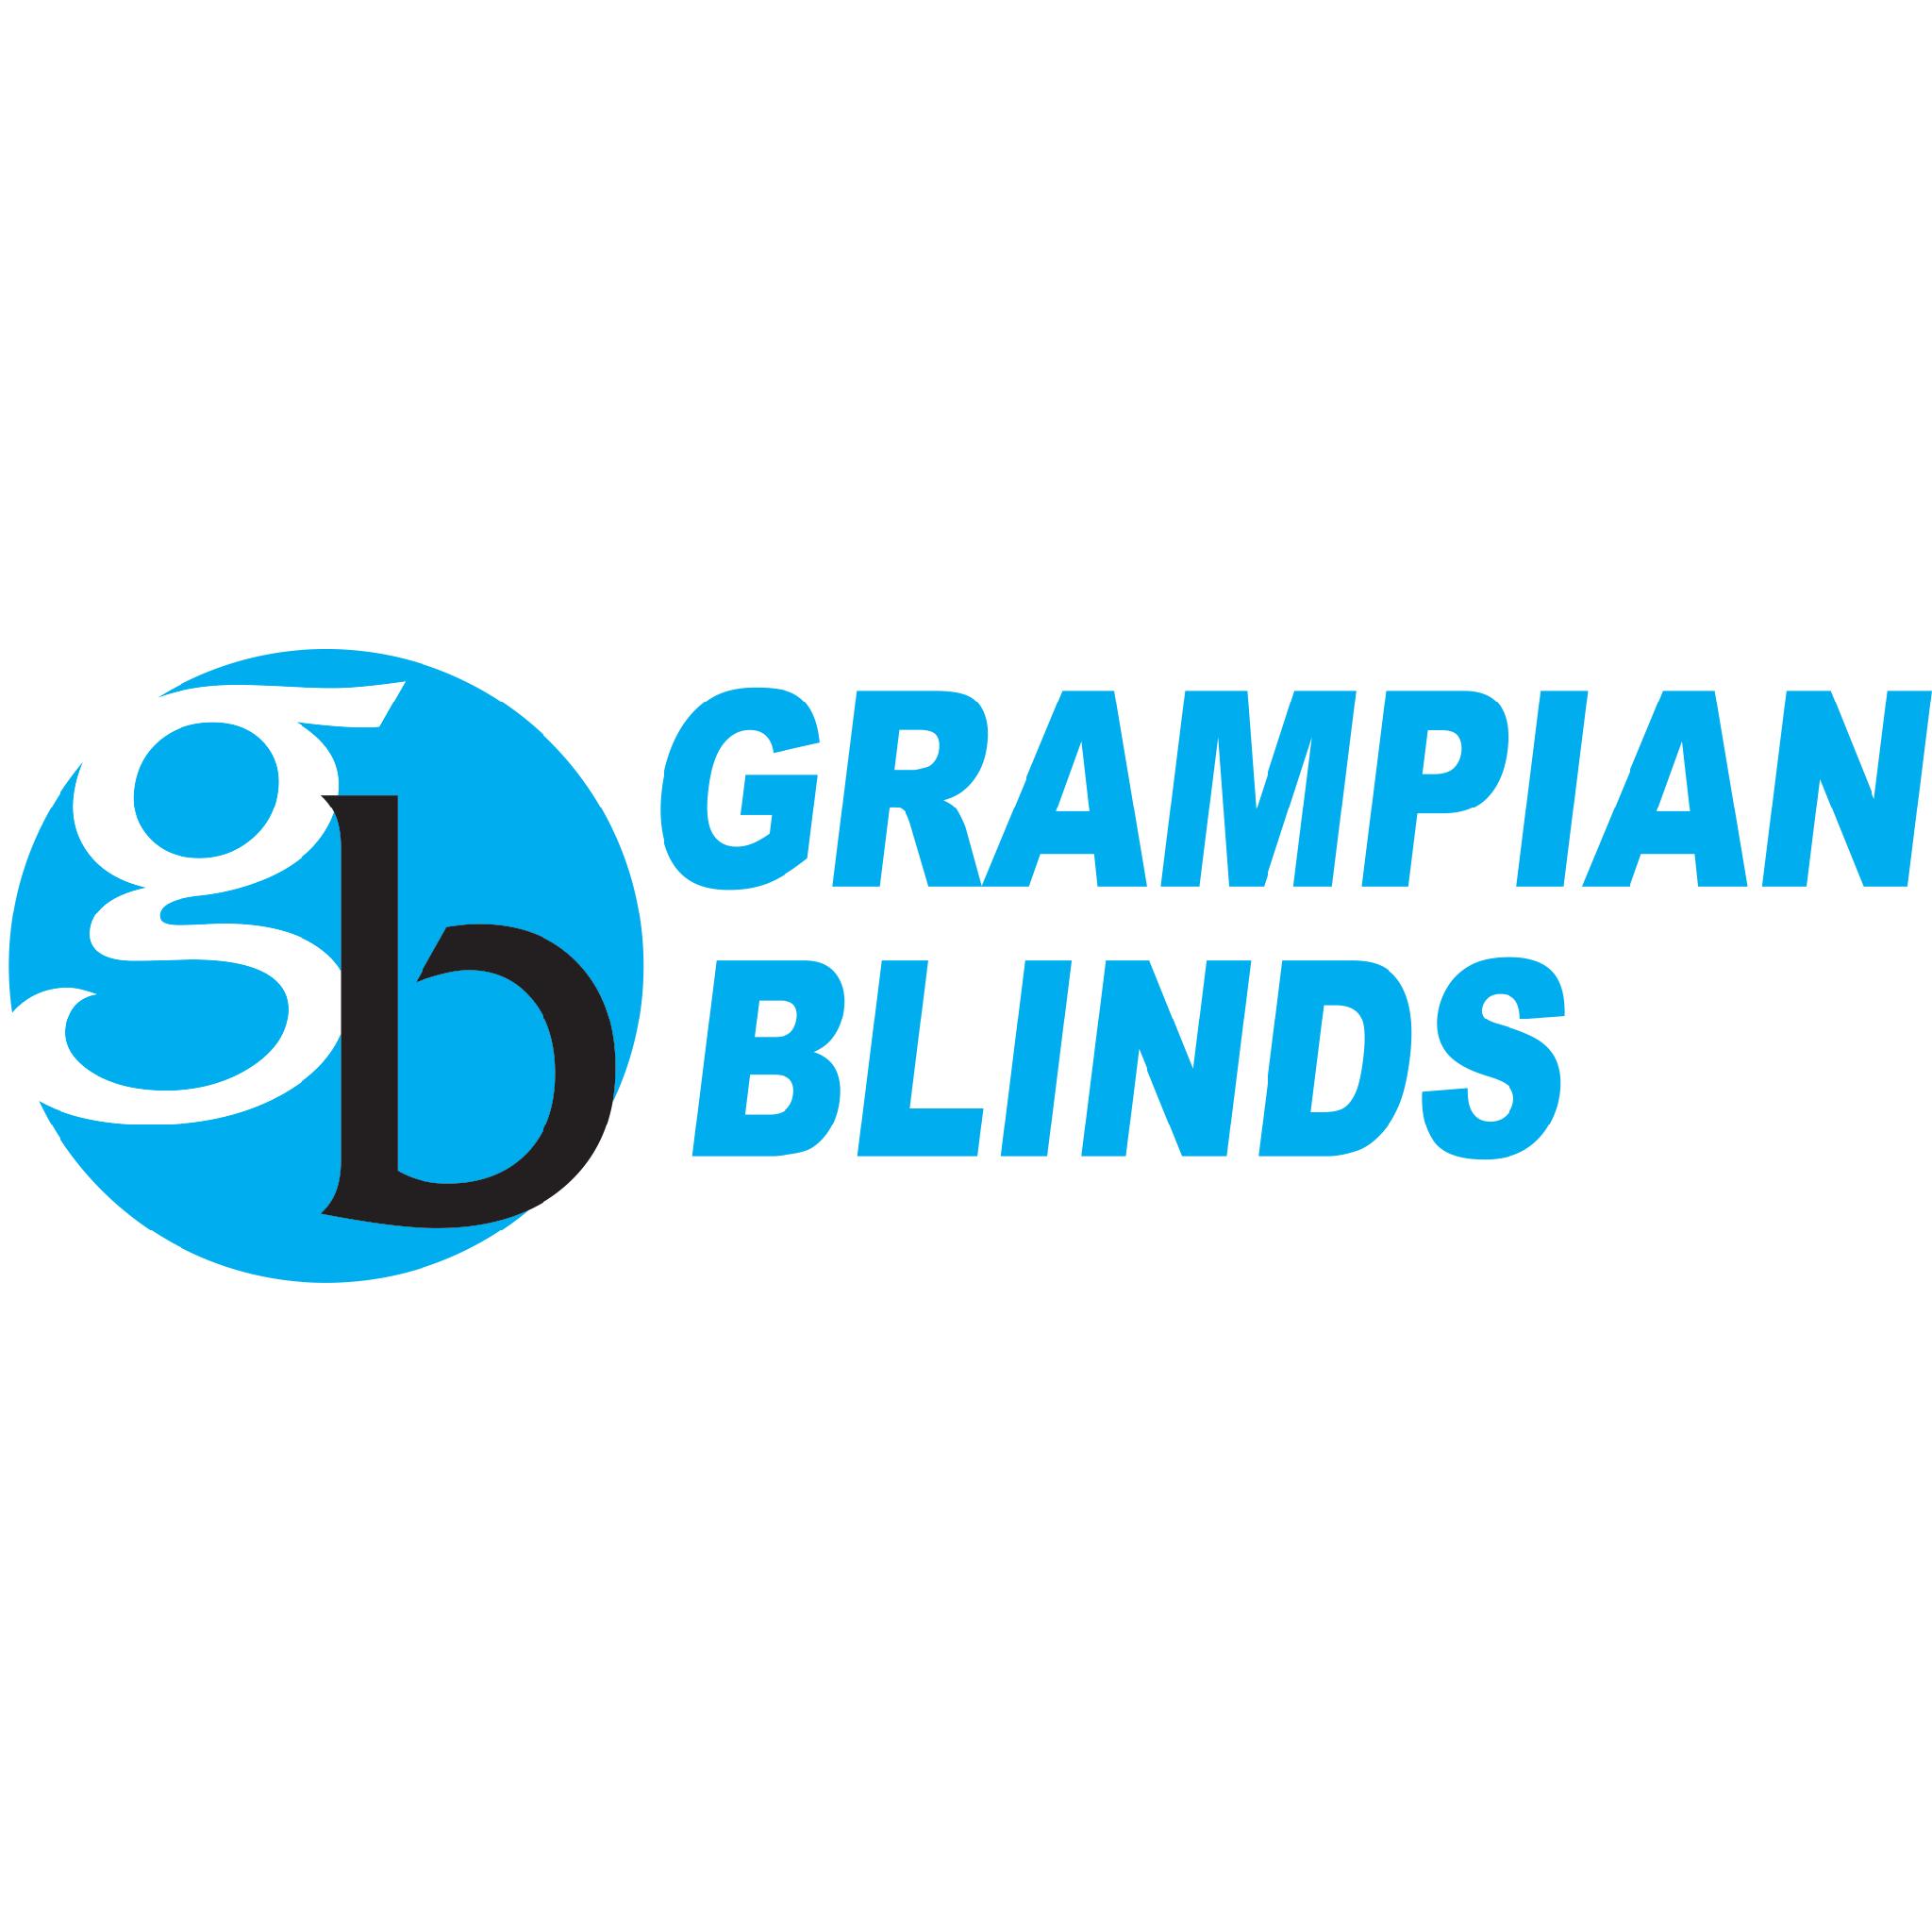 Grampian Blinds